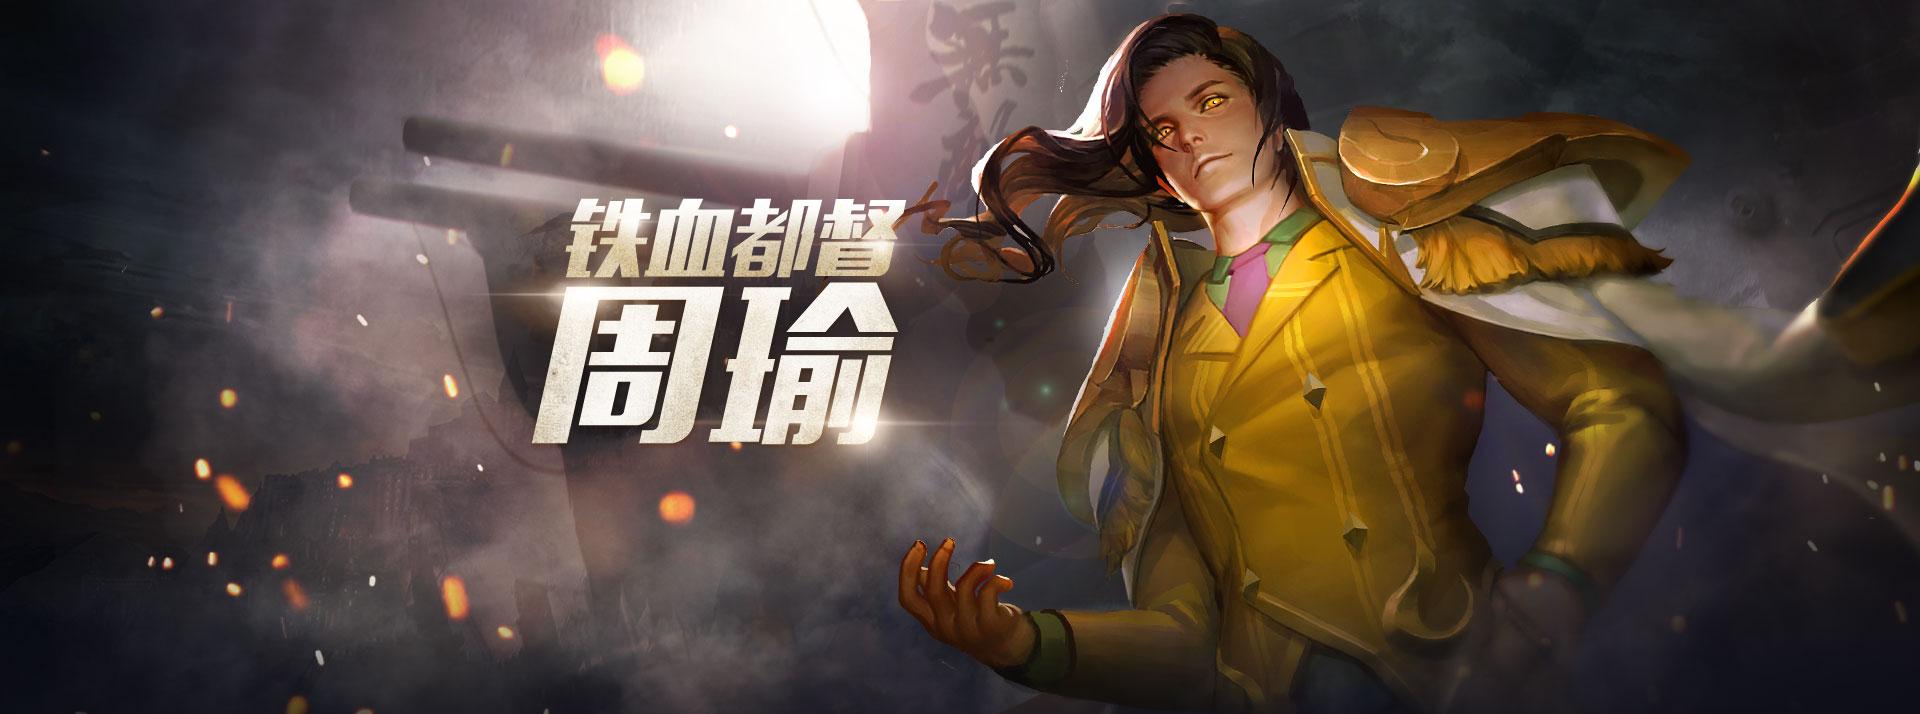 第2弹《王者荣耀英雄皮肤CG》竞技游戏146